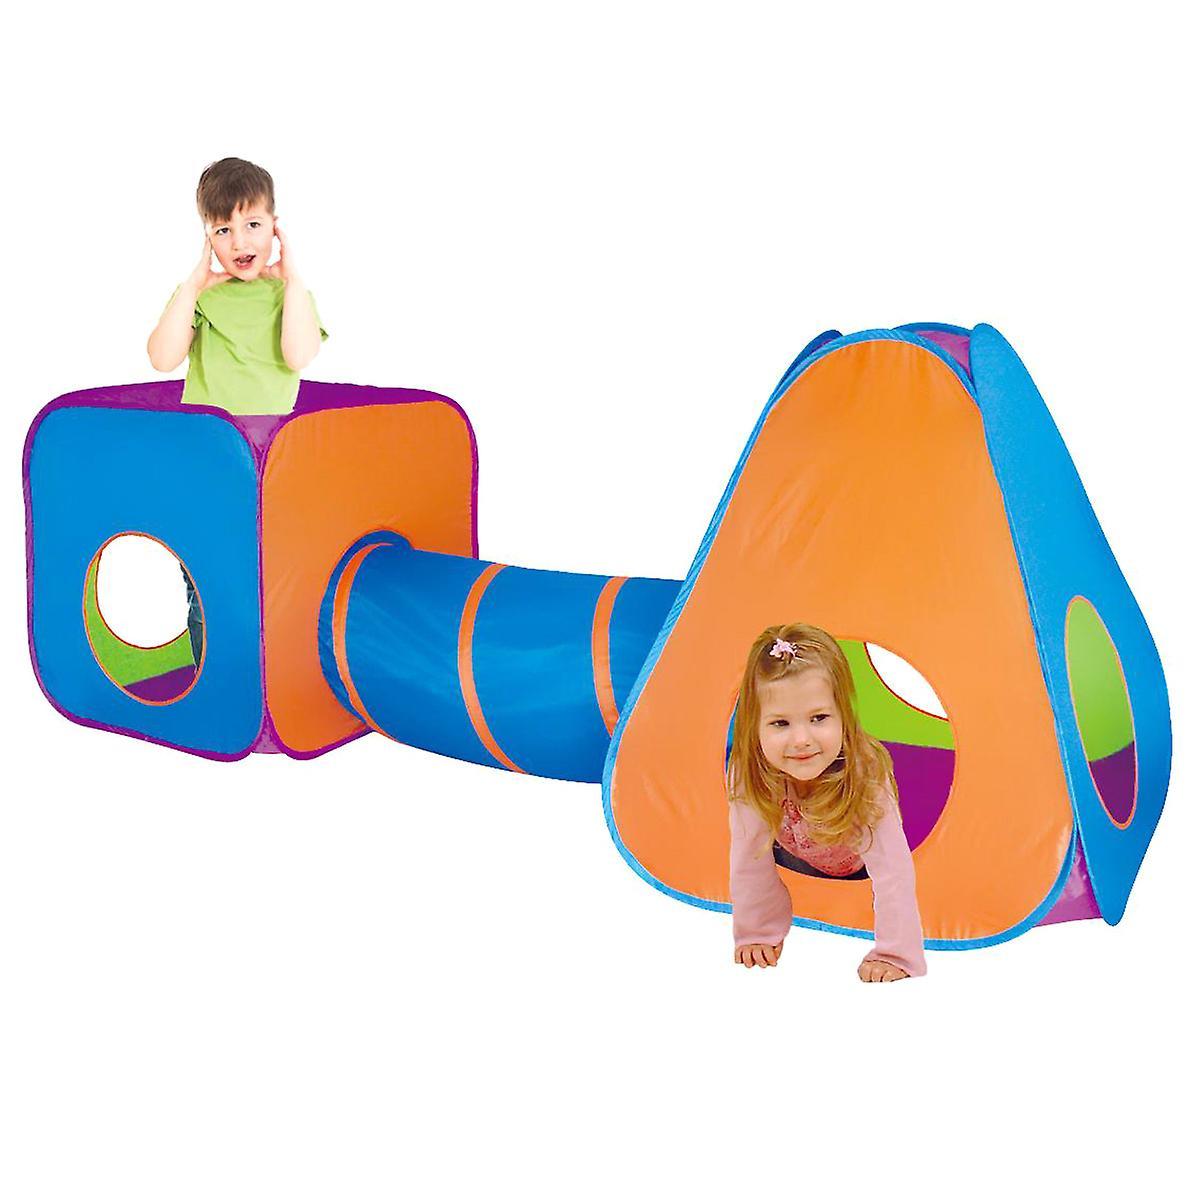 Charles Bentley Bambini 3 in 1 Avventura Indoor Outdoor Pop Up Play Tend Set